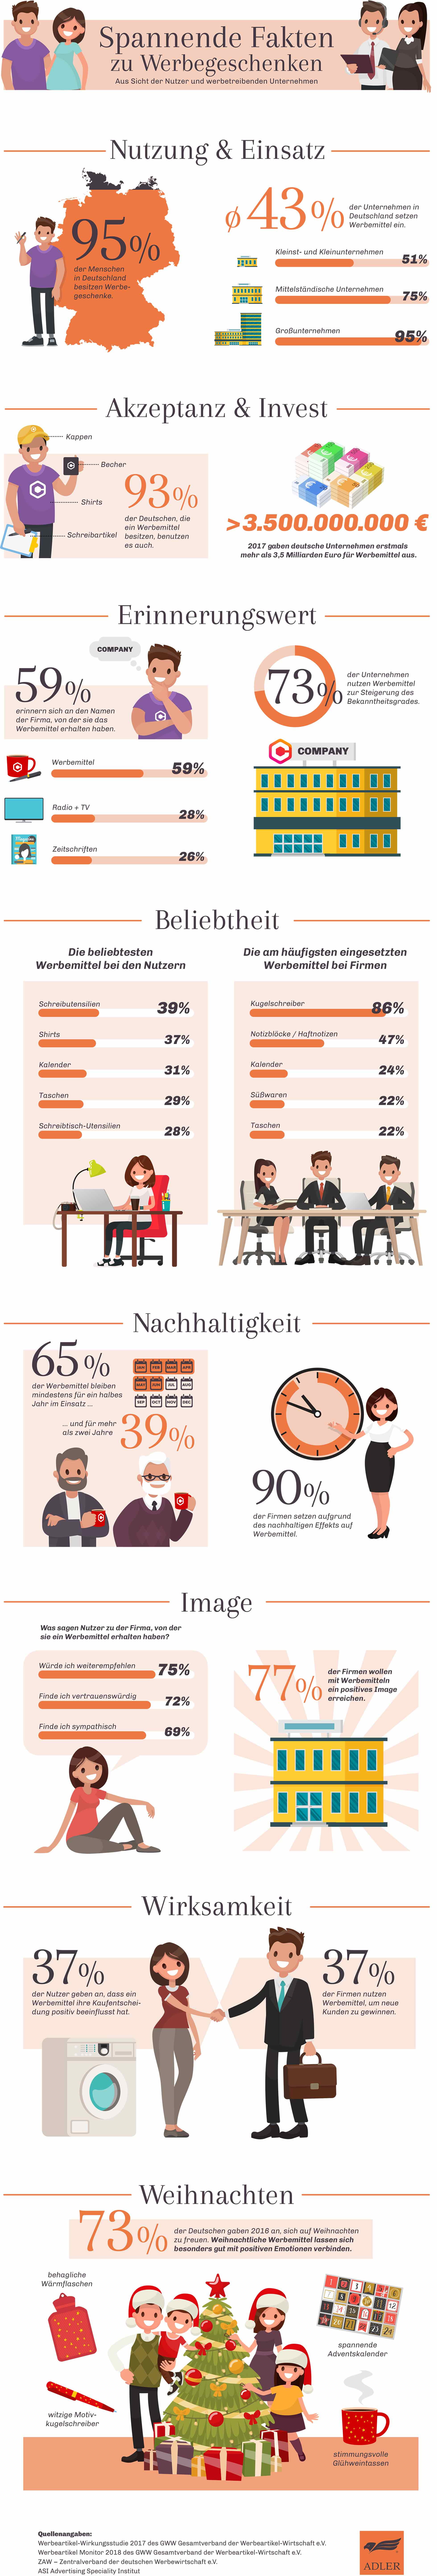 Infografik Werbegeschenke Weihnachten